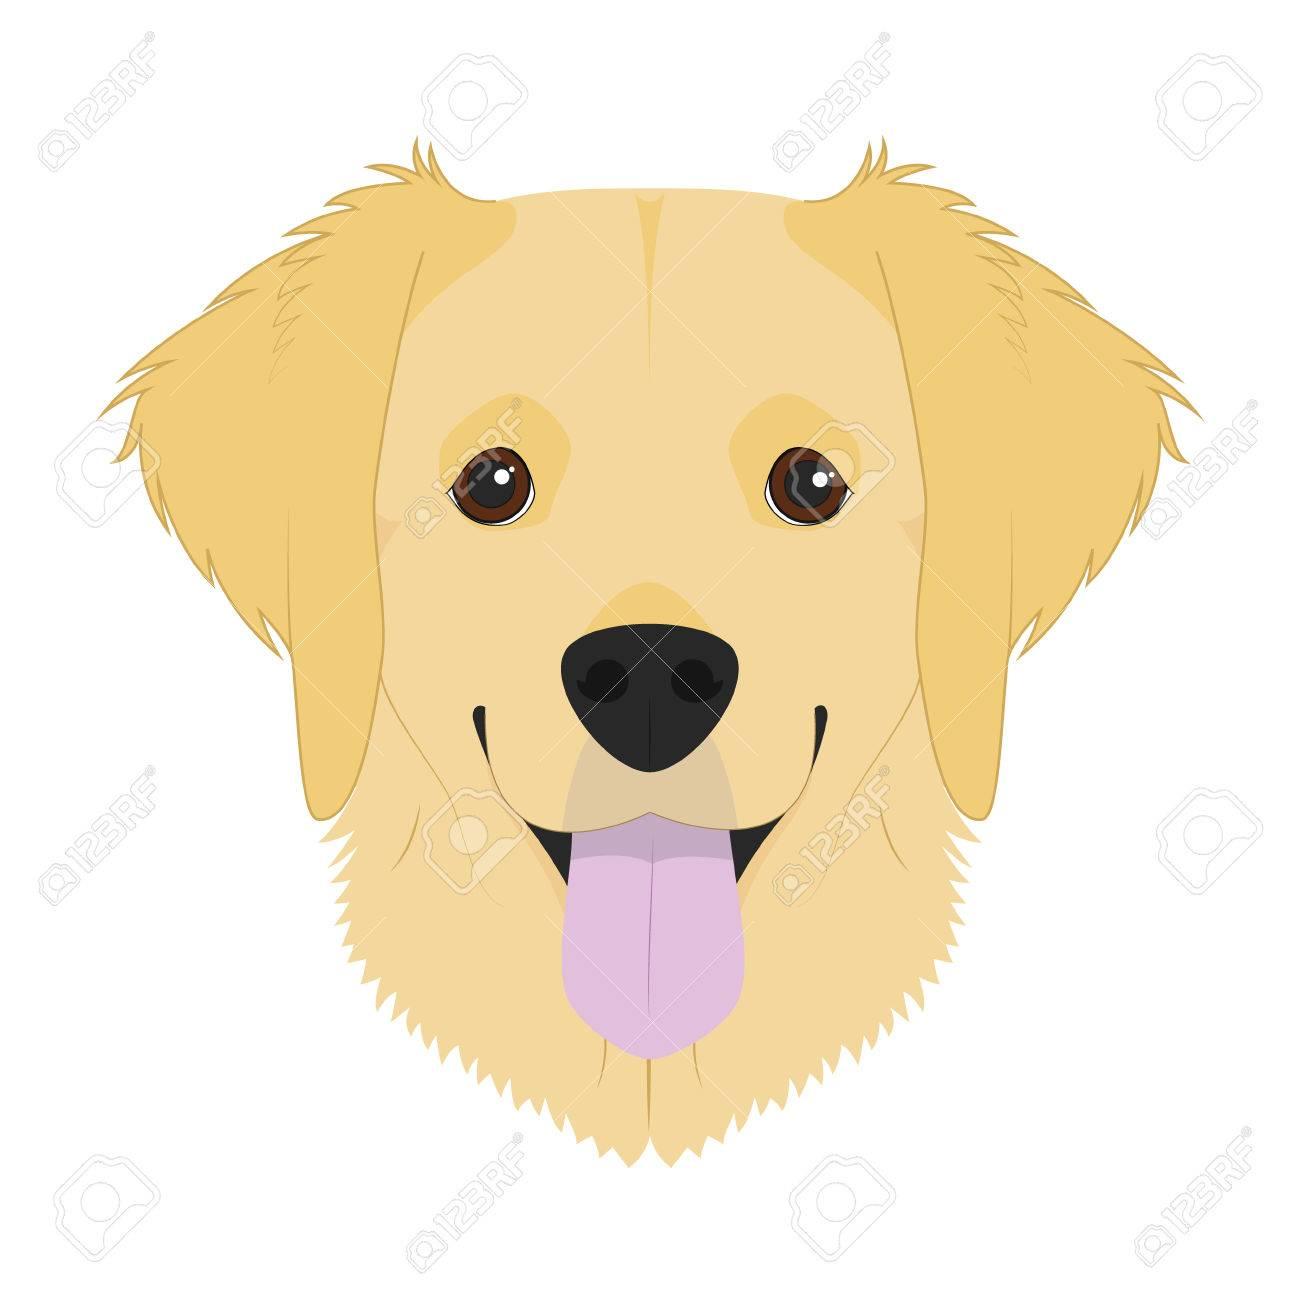 白い背景のベクトル図に分離されたゴールデン レトリーバー犬の